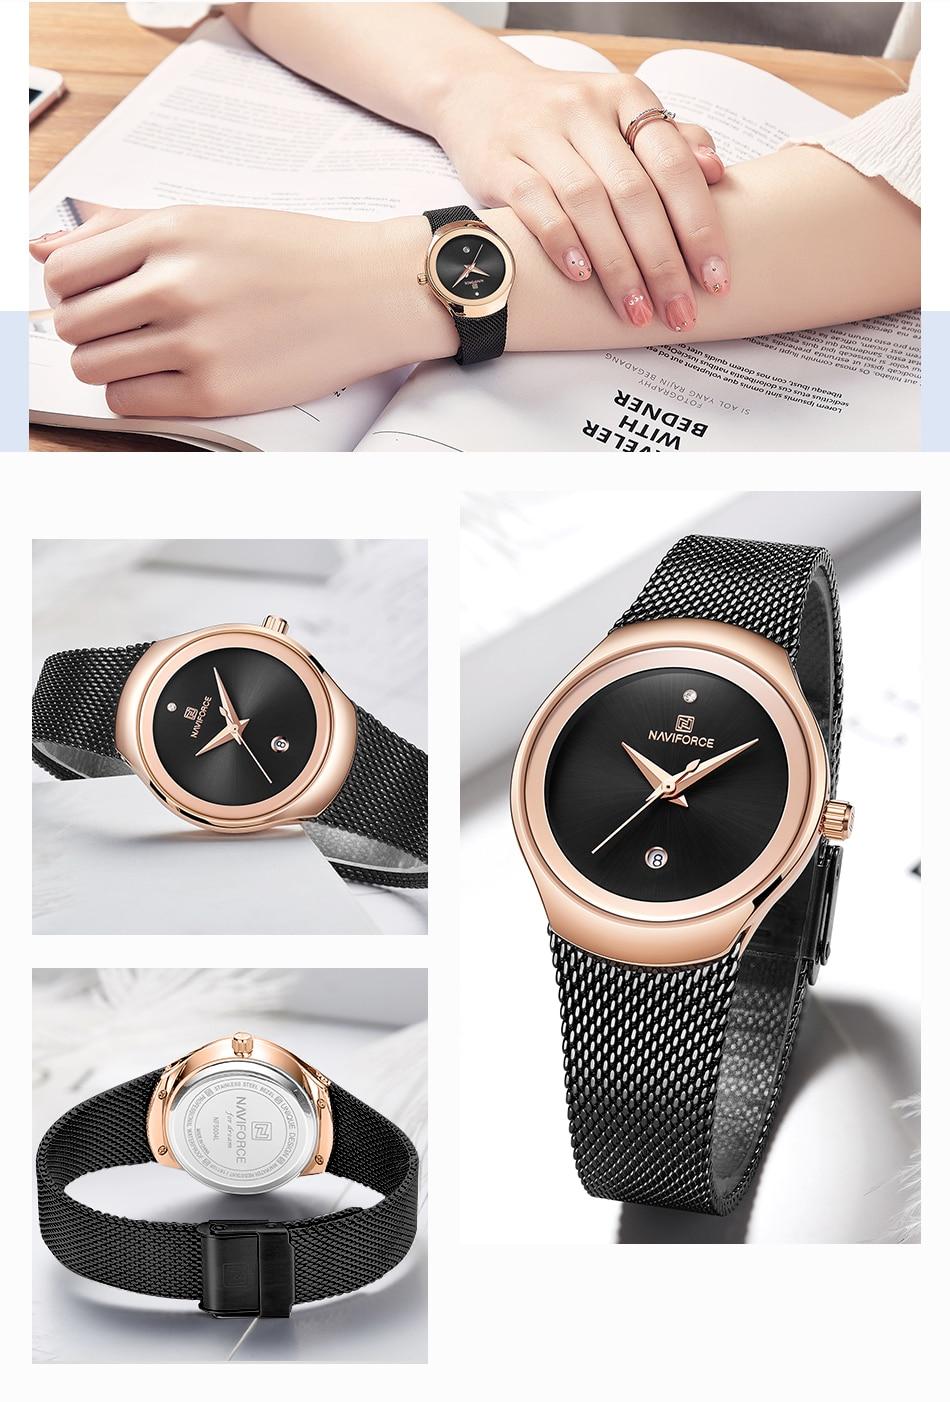 NAVIFORCE Relojes de mujer Top Marca de lujo Señora Moda Casual Correa de malla de acero simple Regalo de reloj de pulsera para niñas Relogio Feminino (9)